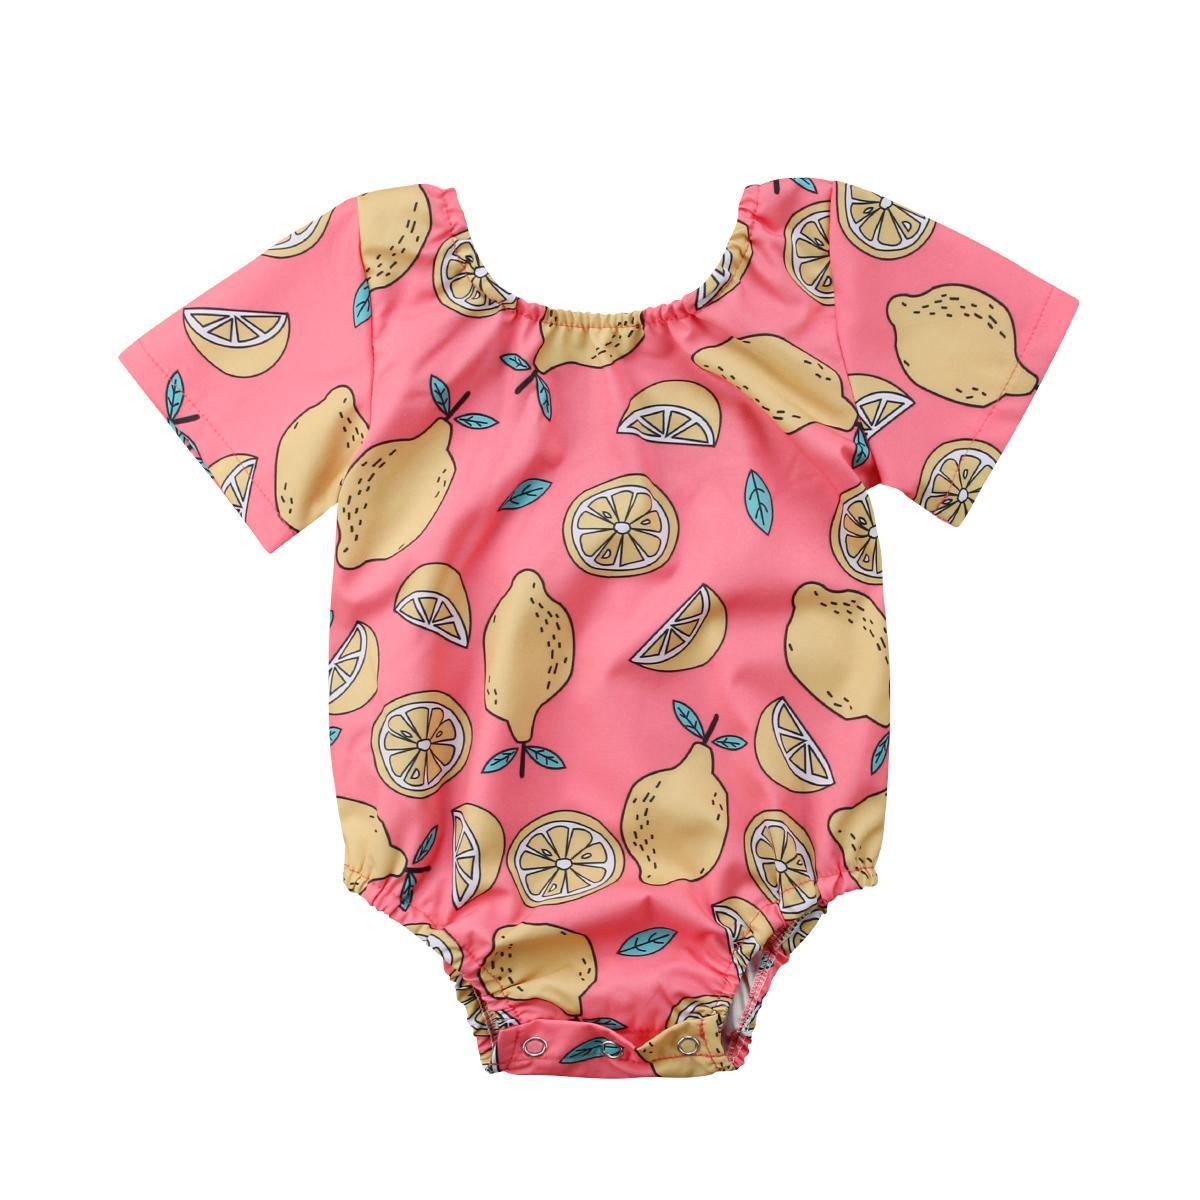 2018 infante appena nato neonate maniche corte giallo limone rosa della tuta della tuta dei vestiti Outfits estate casuale